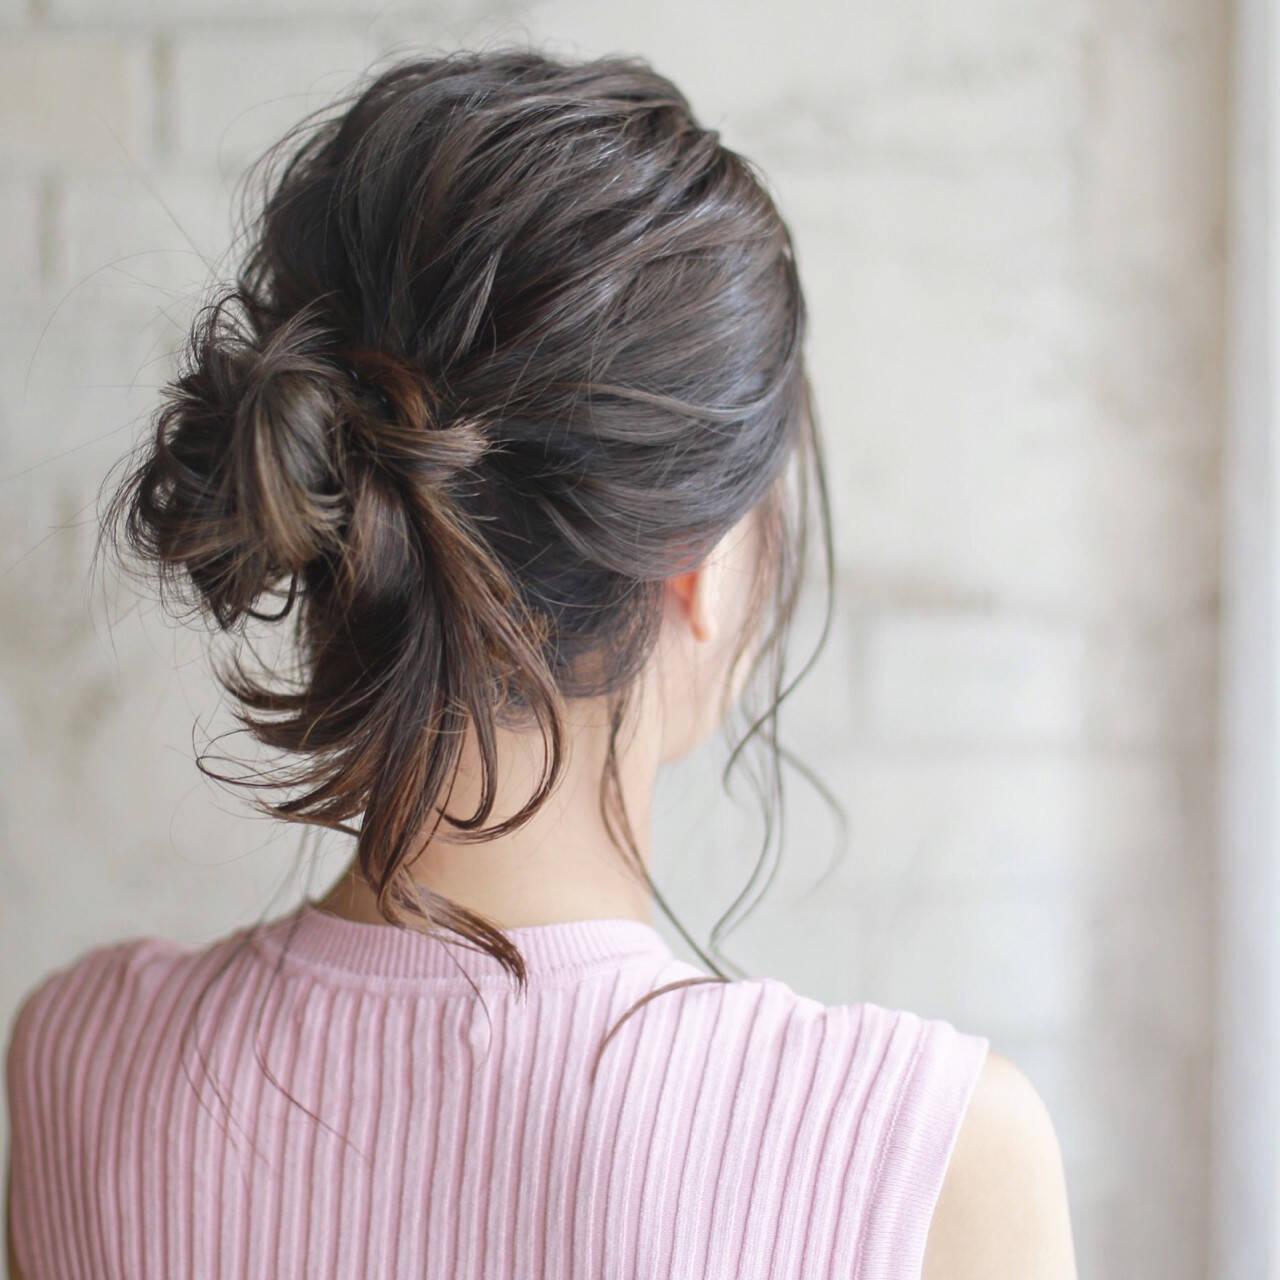 くせ毛風 簡単ヘアアレンジ ミディアム ショートヘアスタイルや髪型の写真・画像